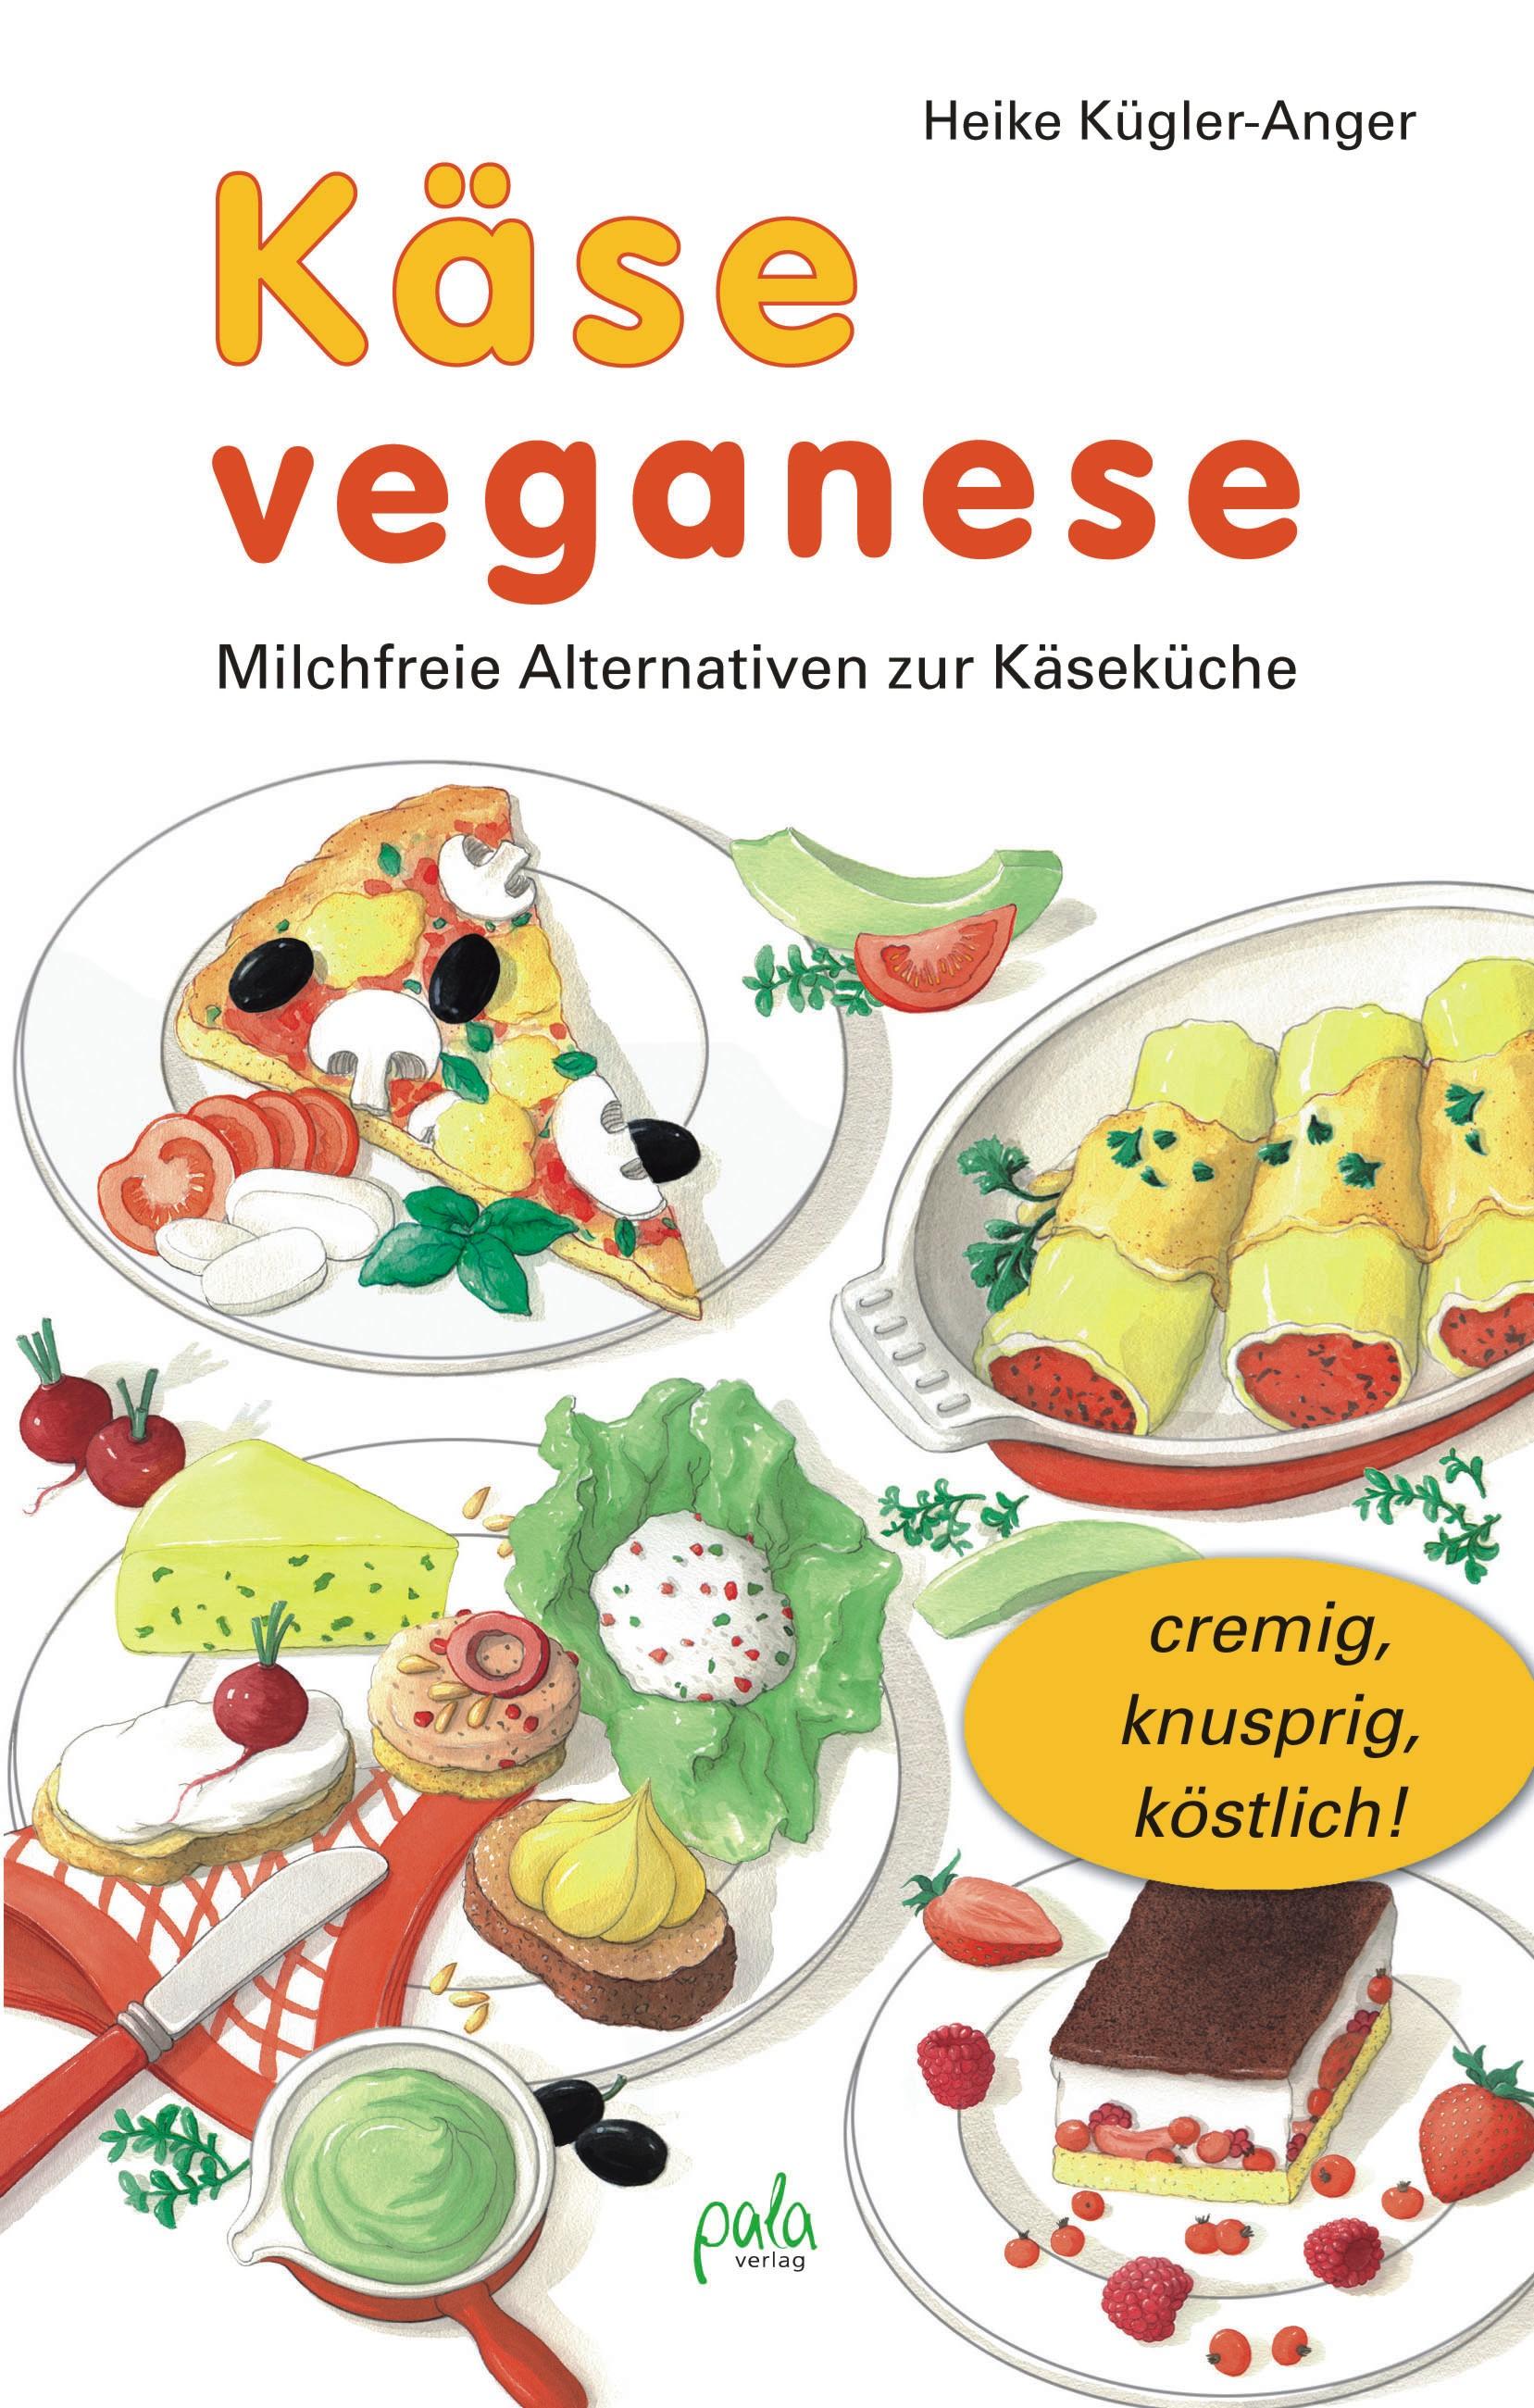 9783895662379 Käse veganese